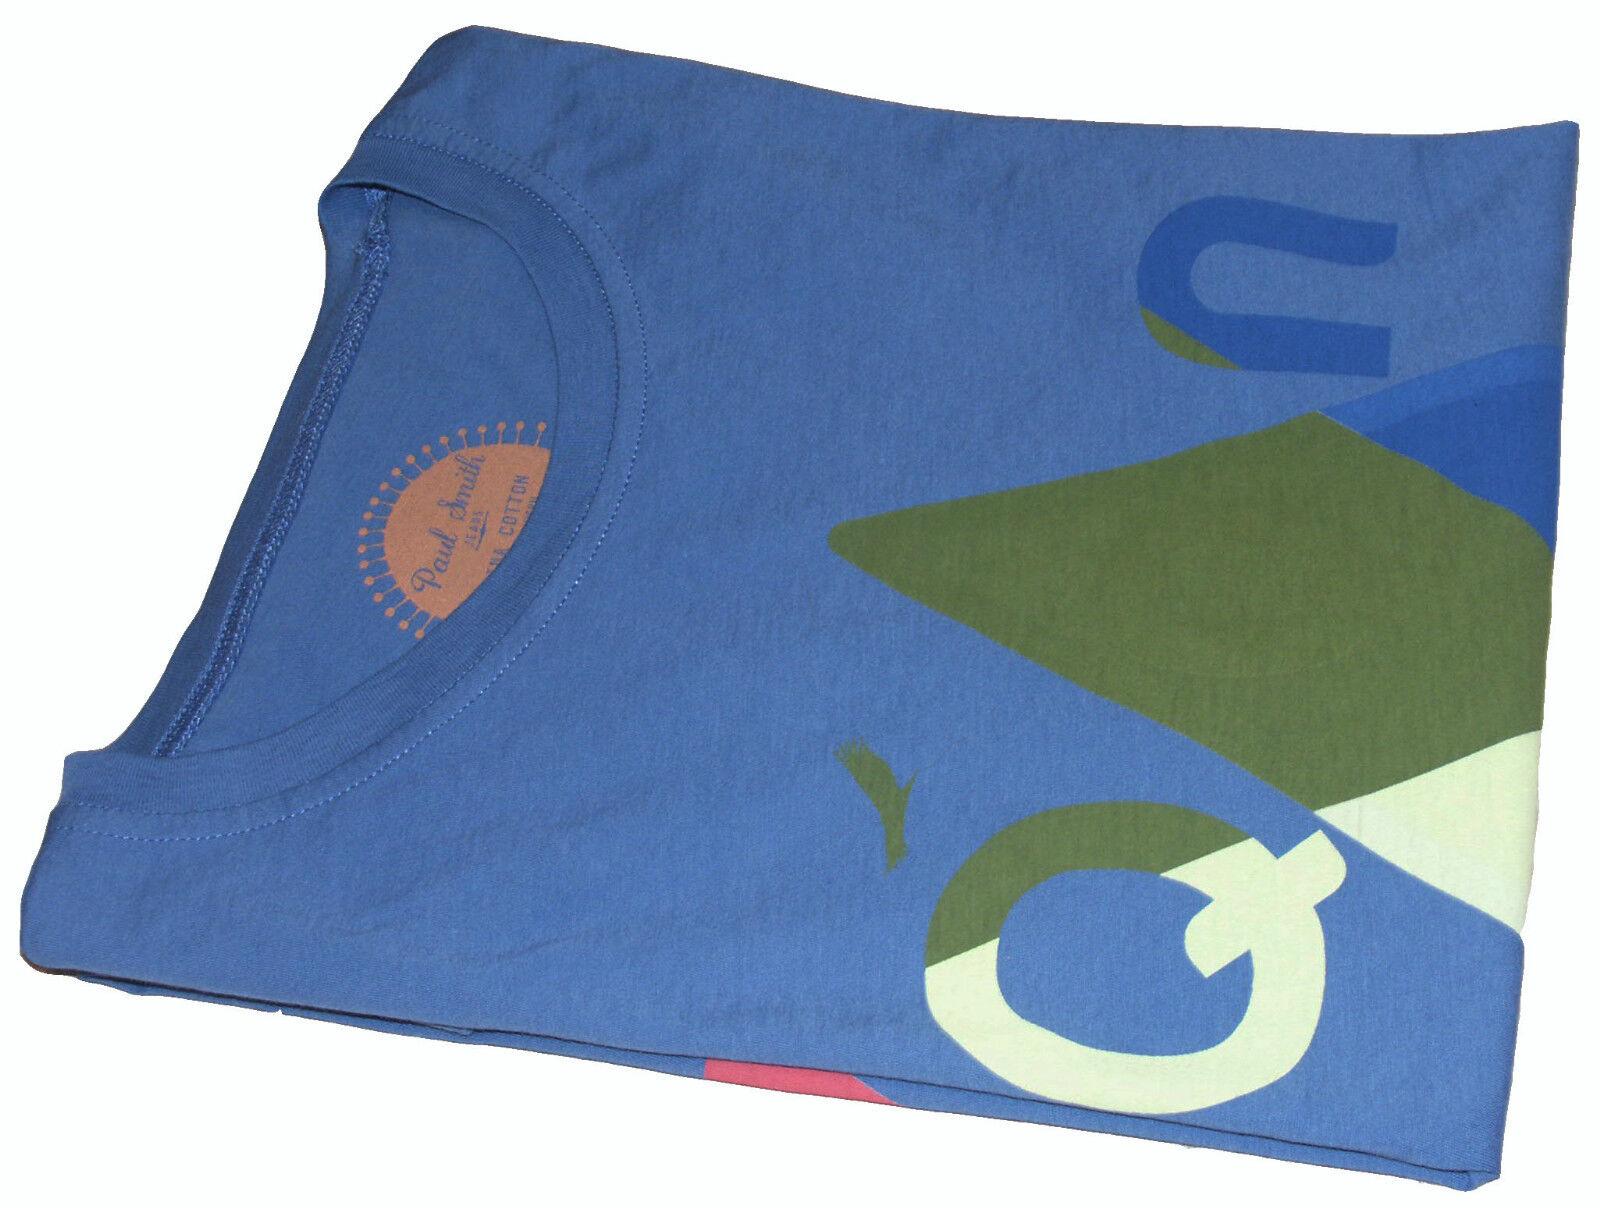 Paul Smith leggero PERUVIANO Pima Cotone T-shirt   Top Bnwt sz-m o S RARE